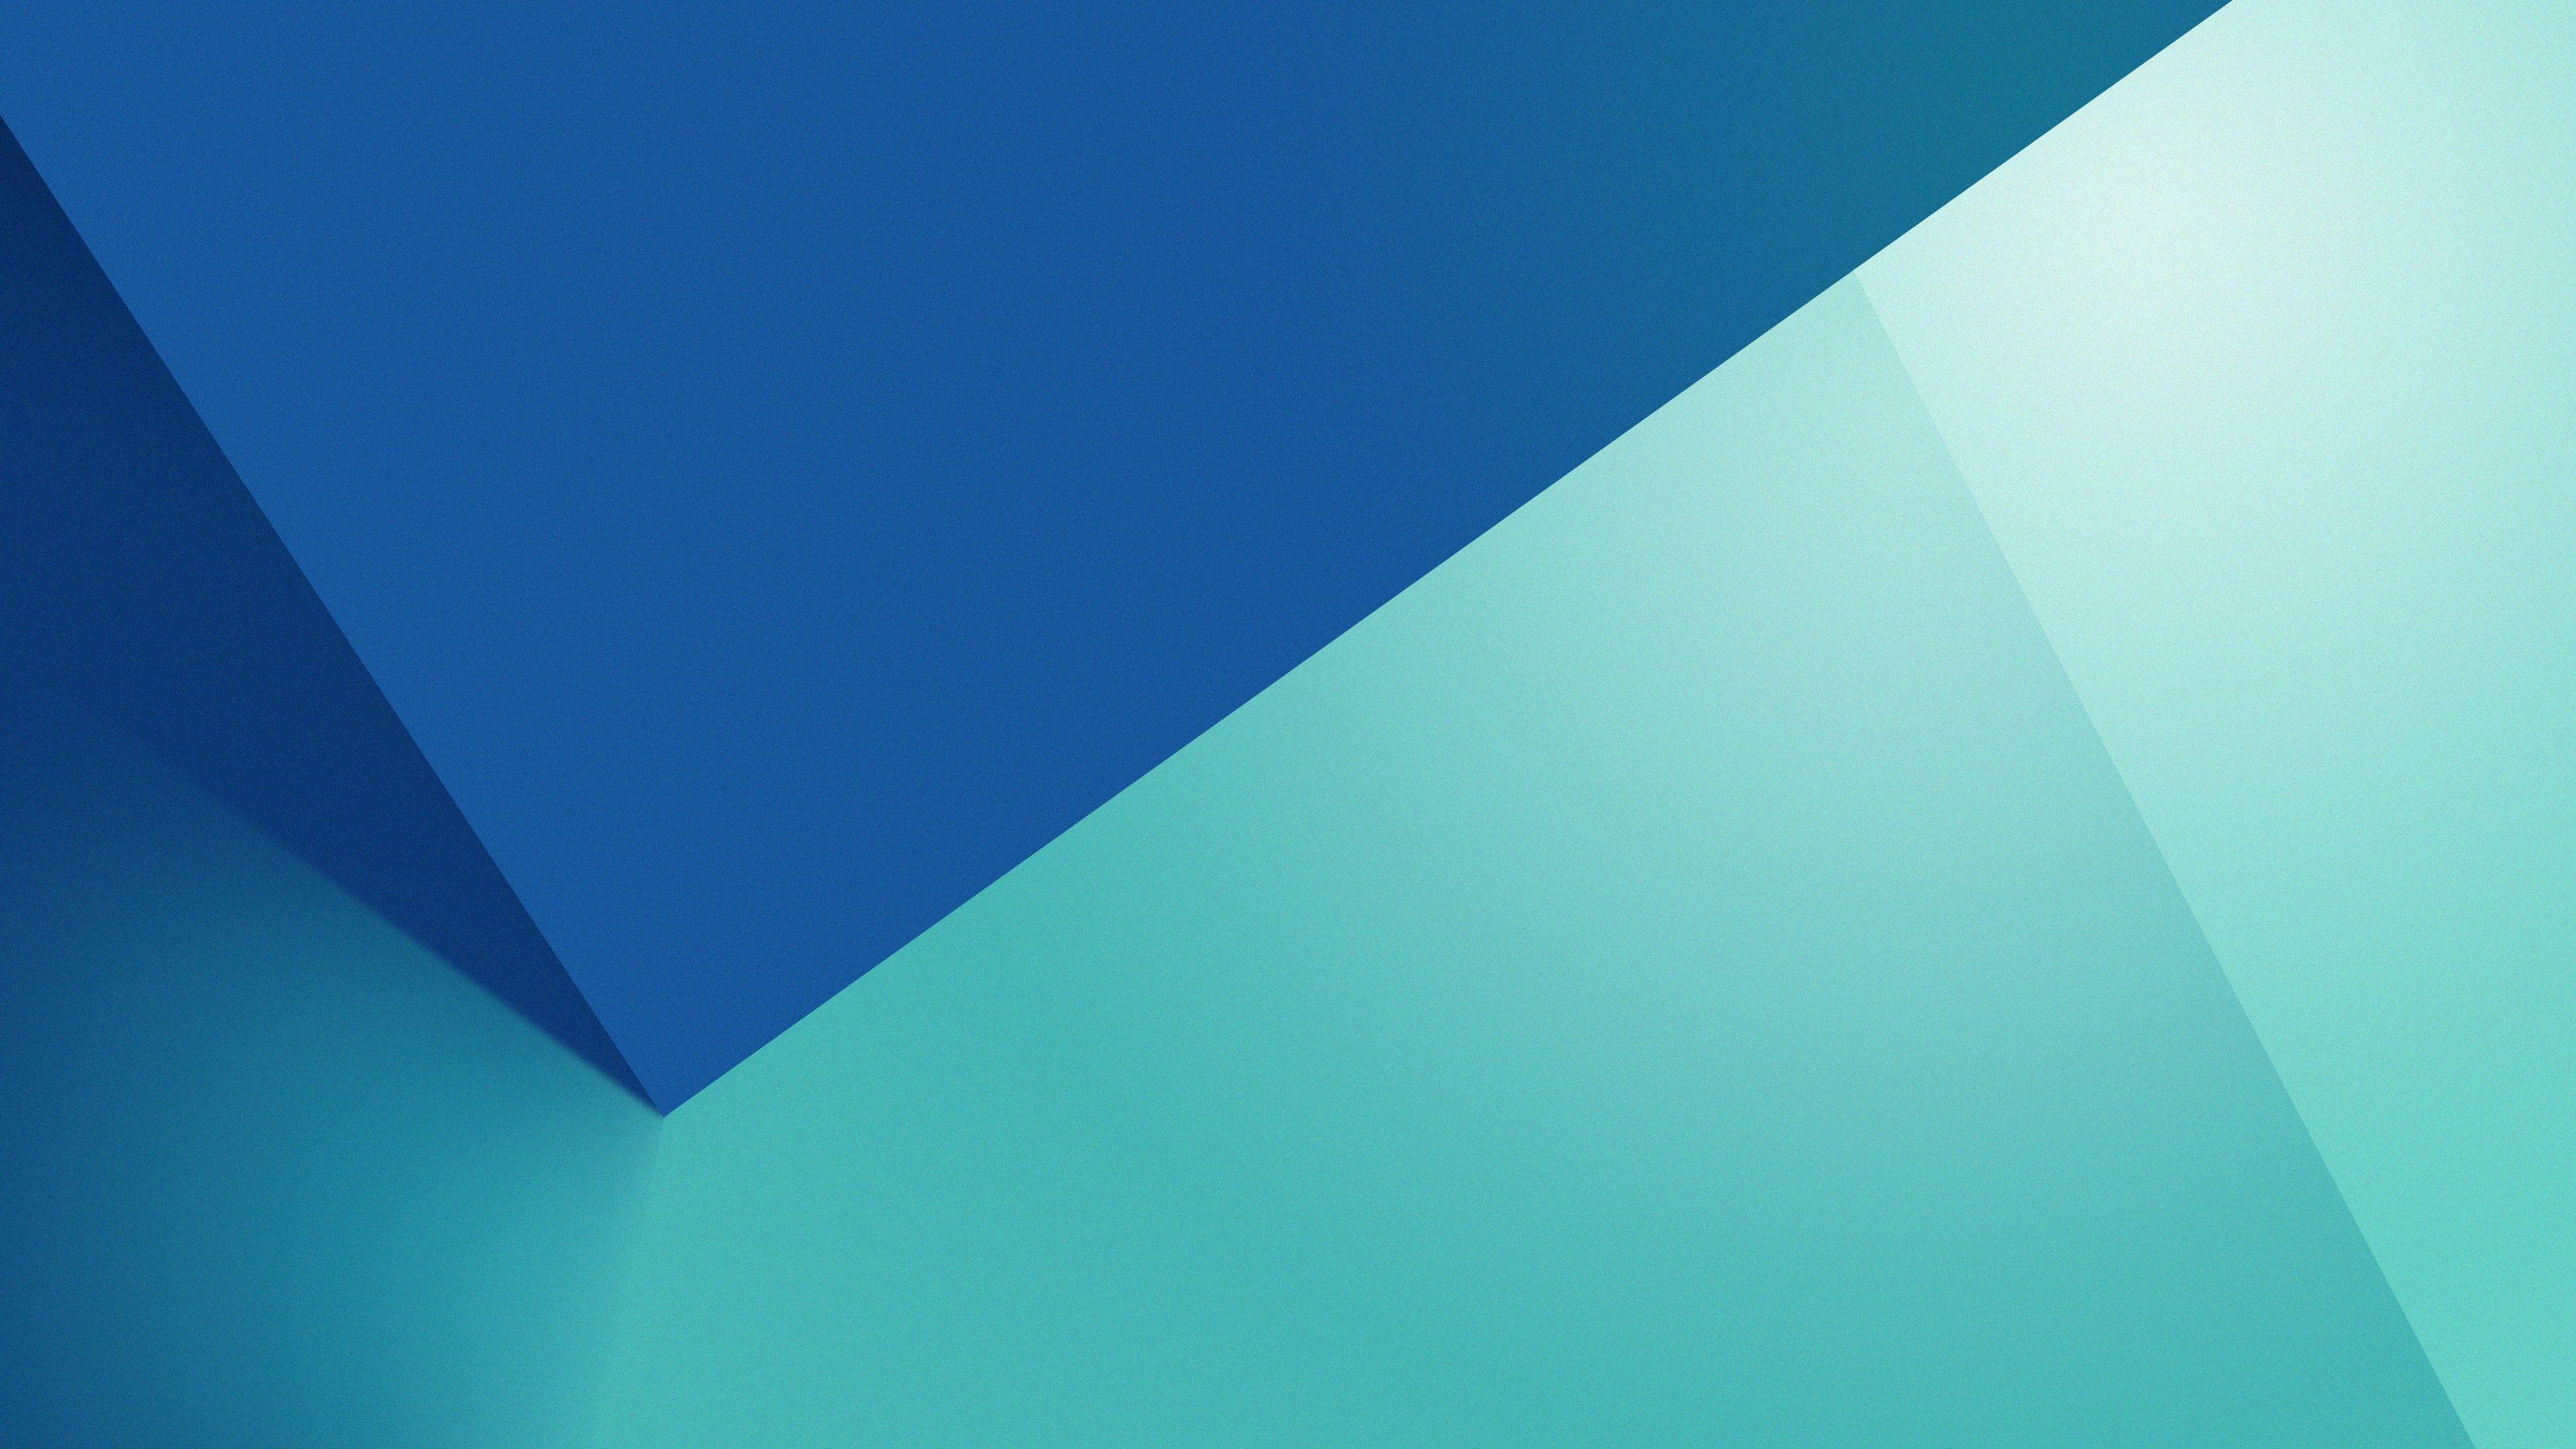 Material Wallpapers - Top Free Material ...